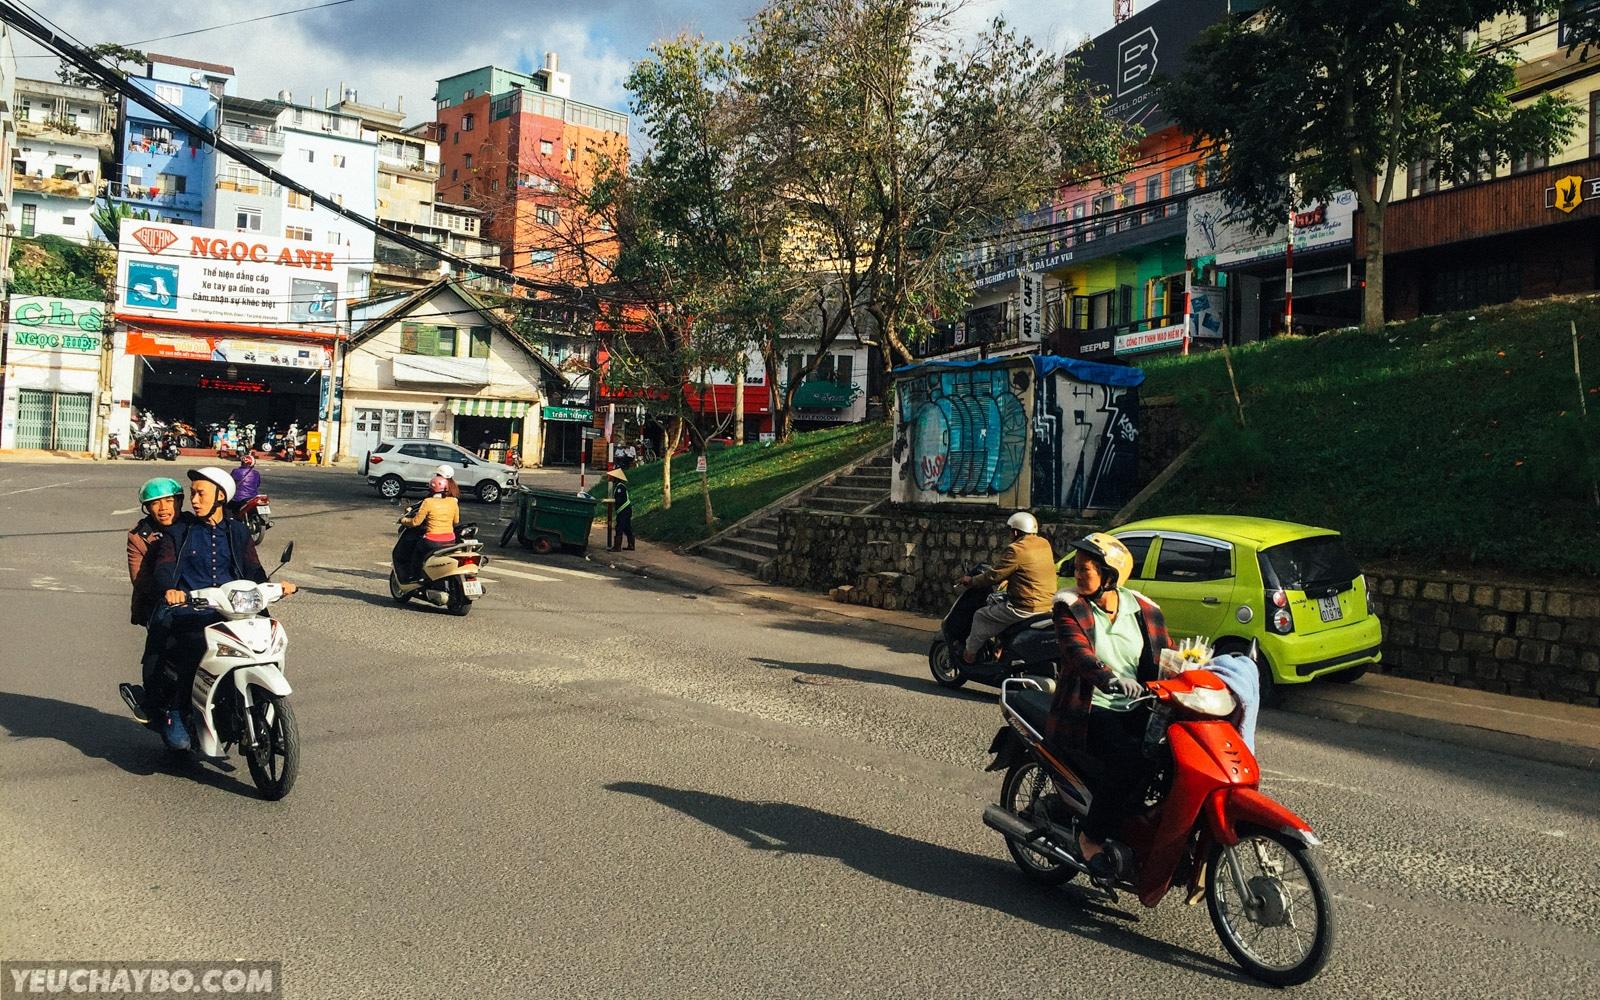 Bắt đầu từ khách sạn River Price, đường Phan Đình Phùng